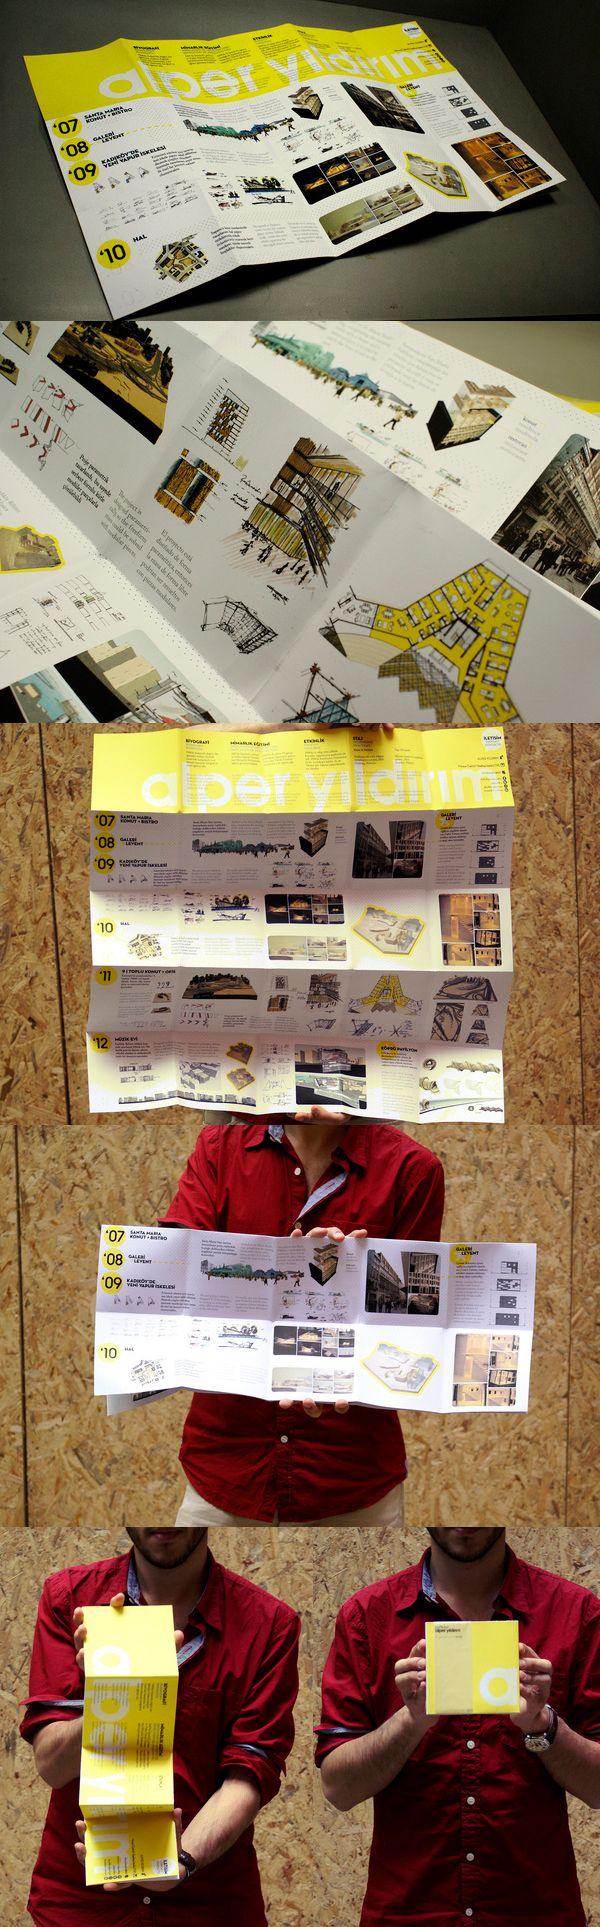 Printed Graphic Design Portfolio Example - Alper Yildirim ...